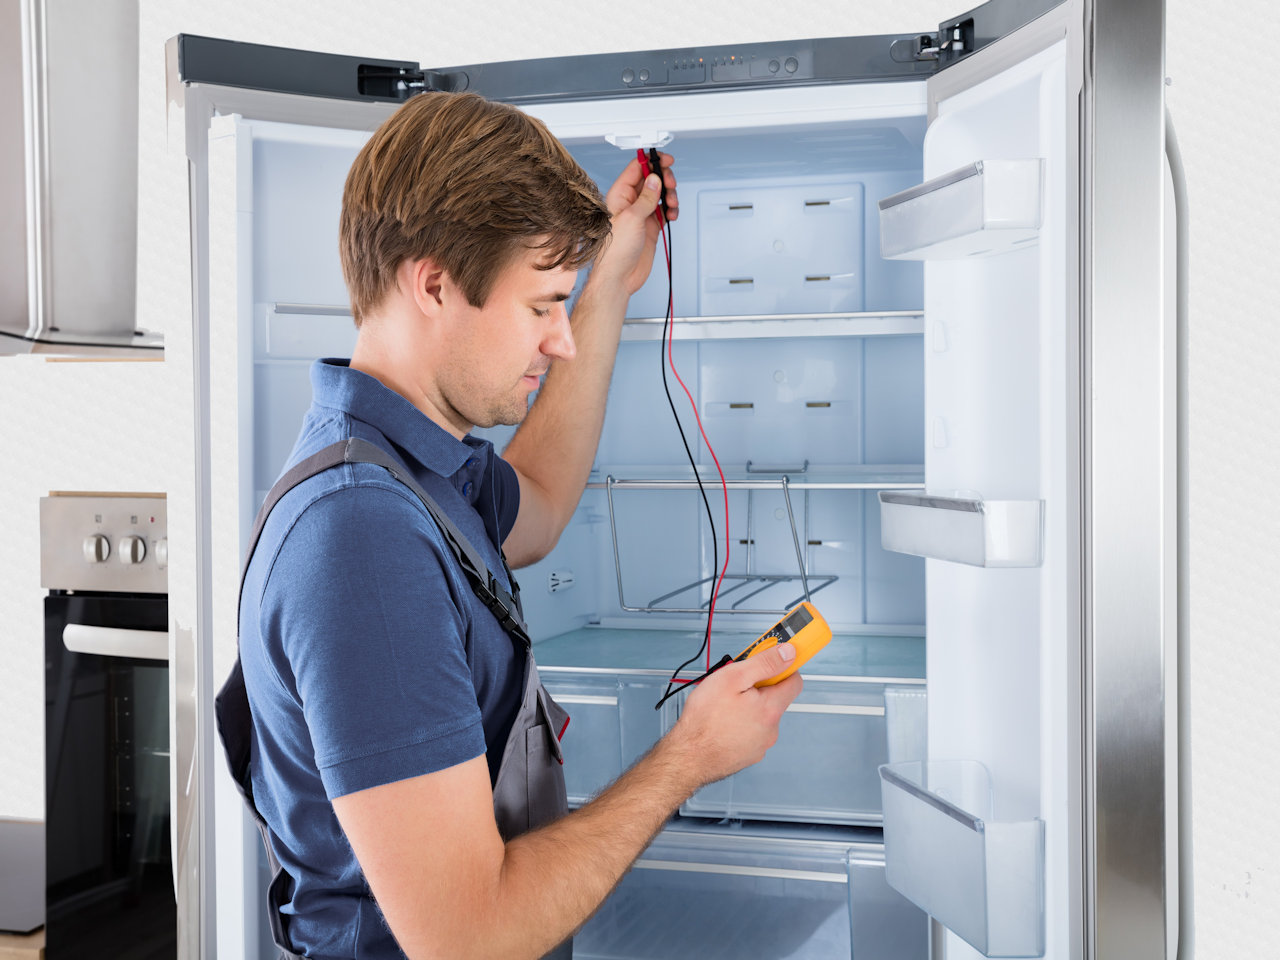 мастер смотрит на прибор, который покажет, что с холодильником